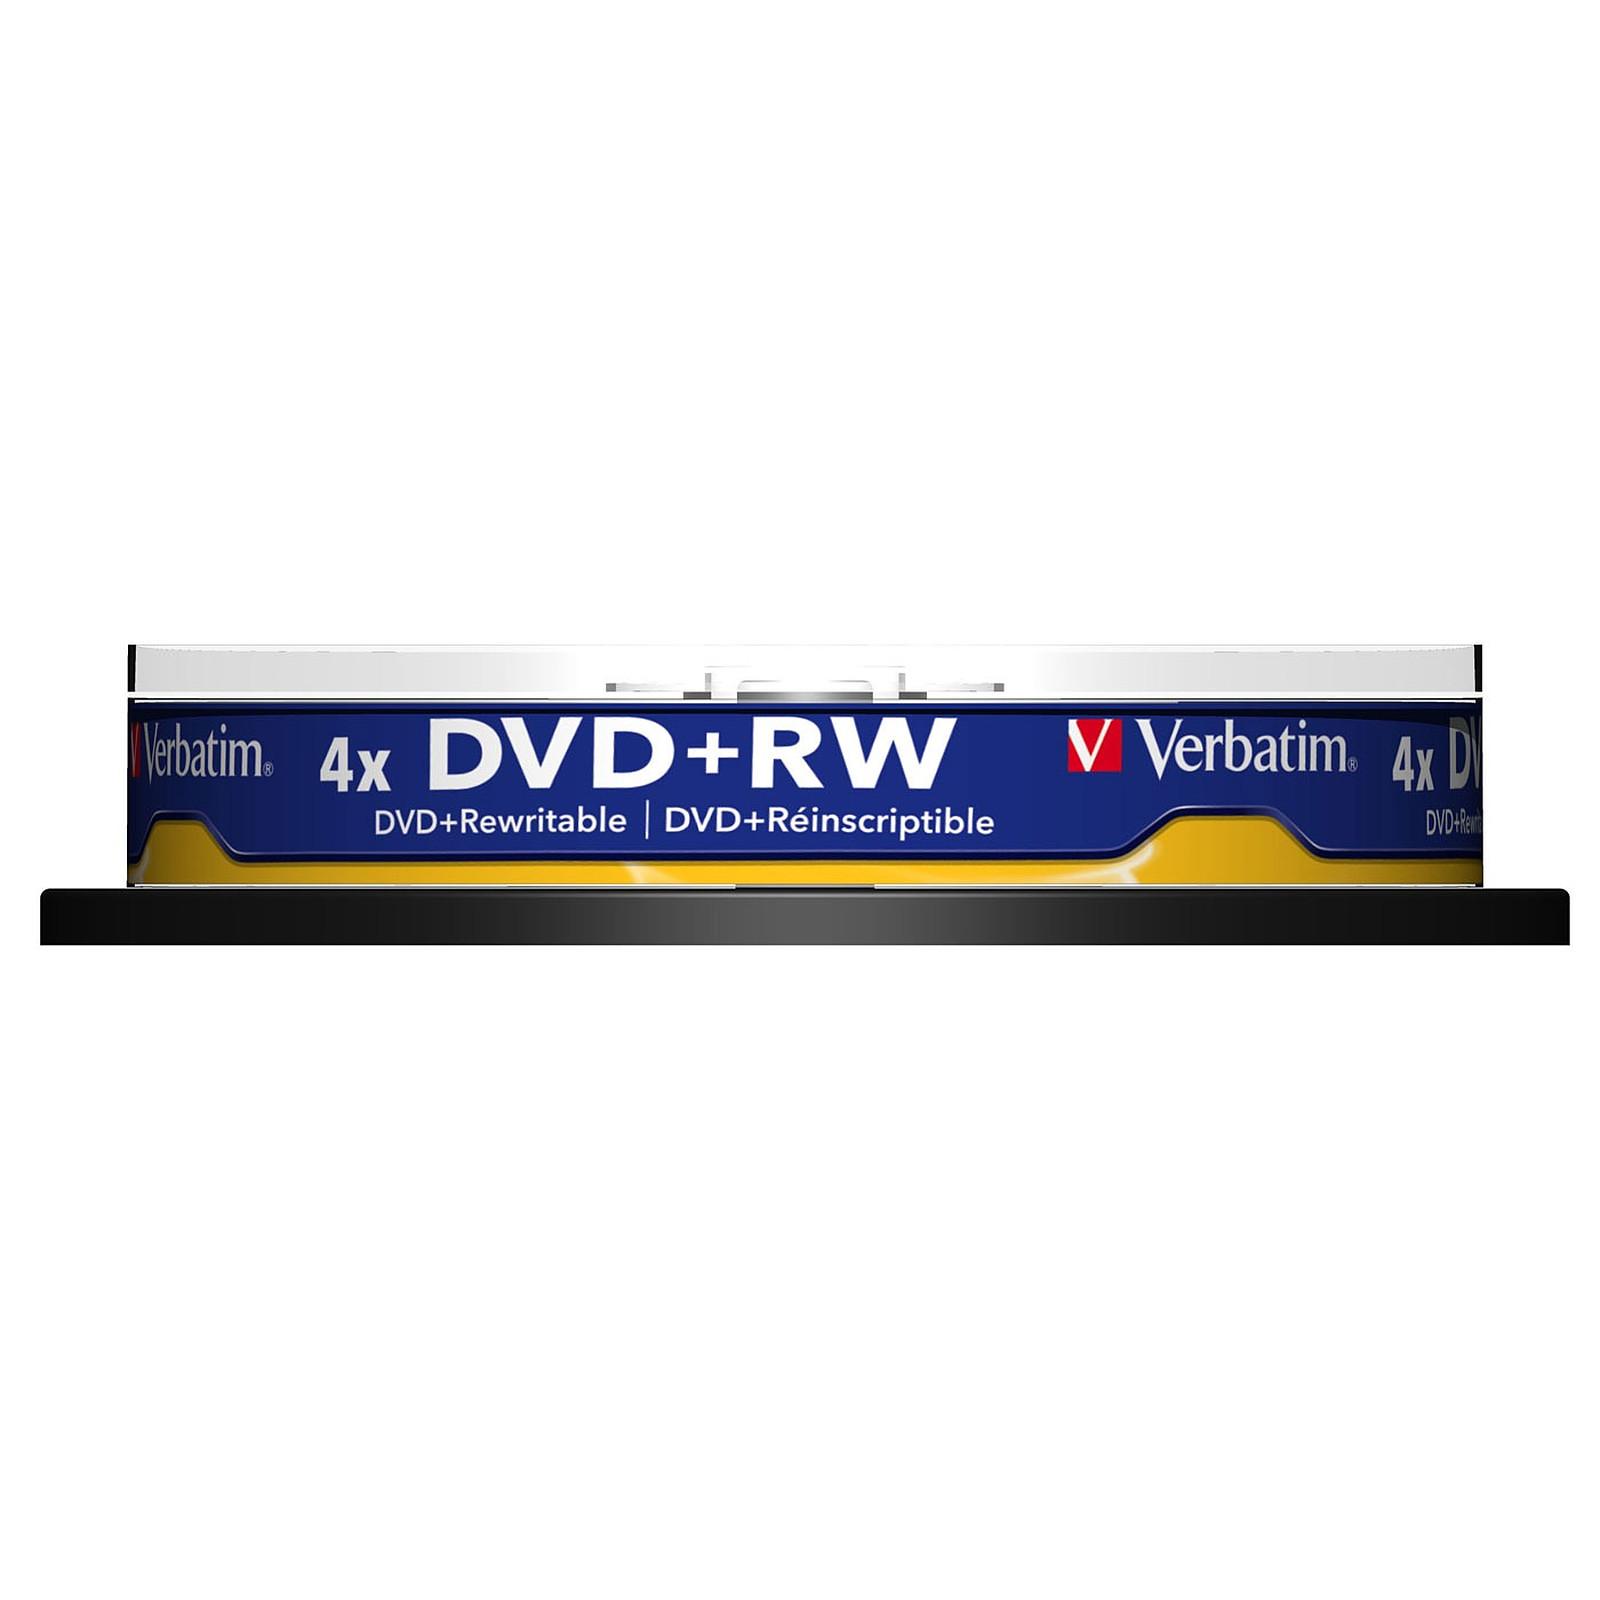 Verbatim DVD+RW 4.7 GB certificado 4x (pack de 10, spindle)